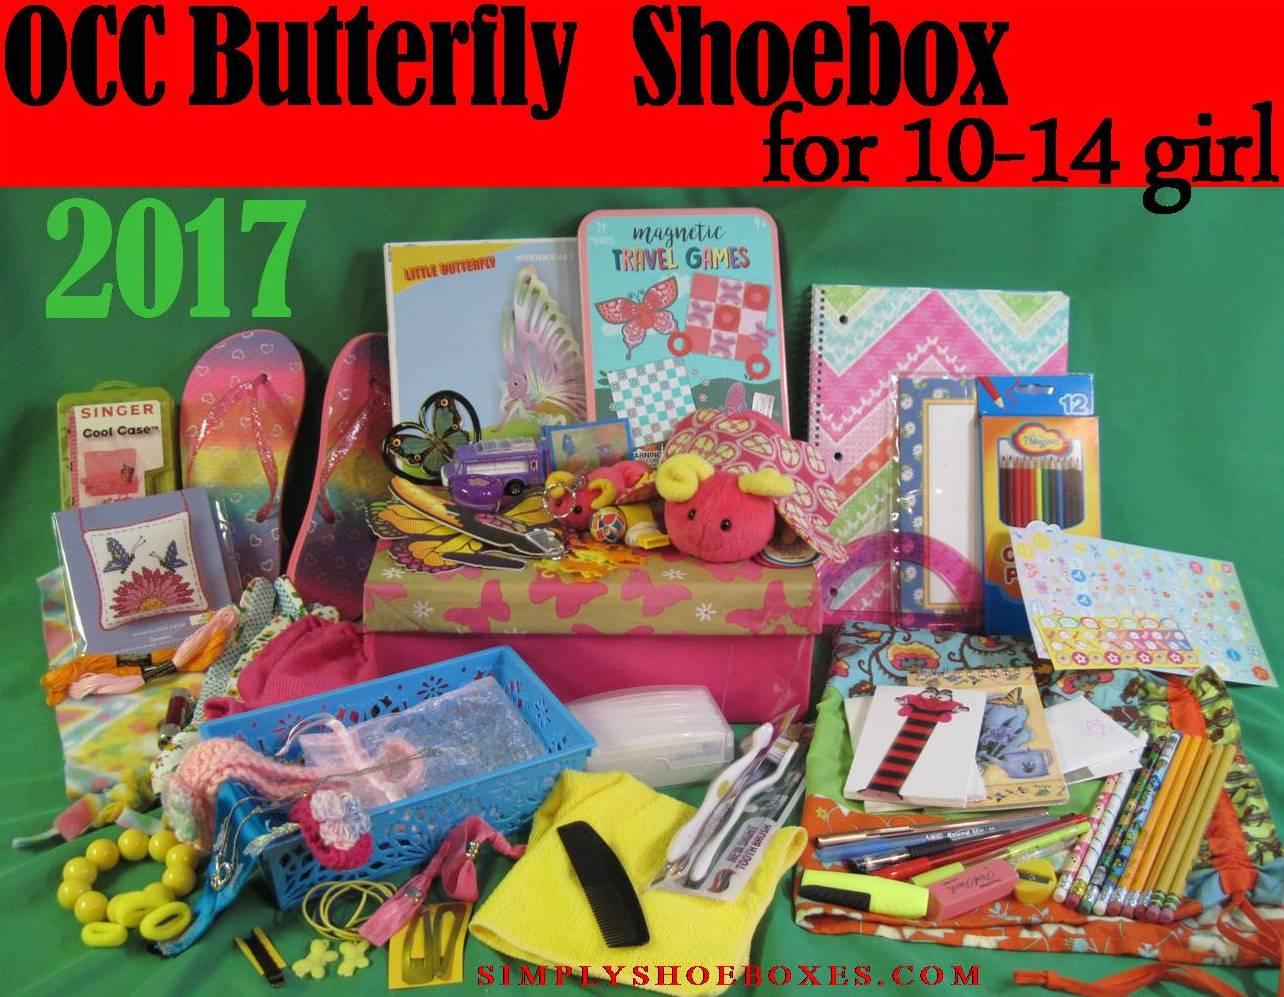 Simply Shoeboxes: April 2018